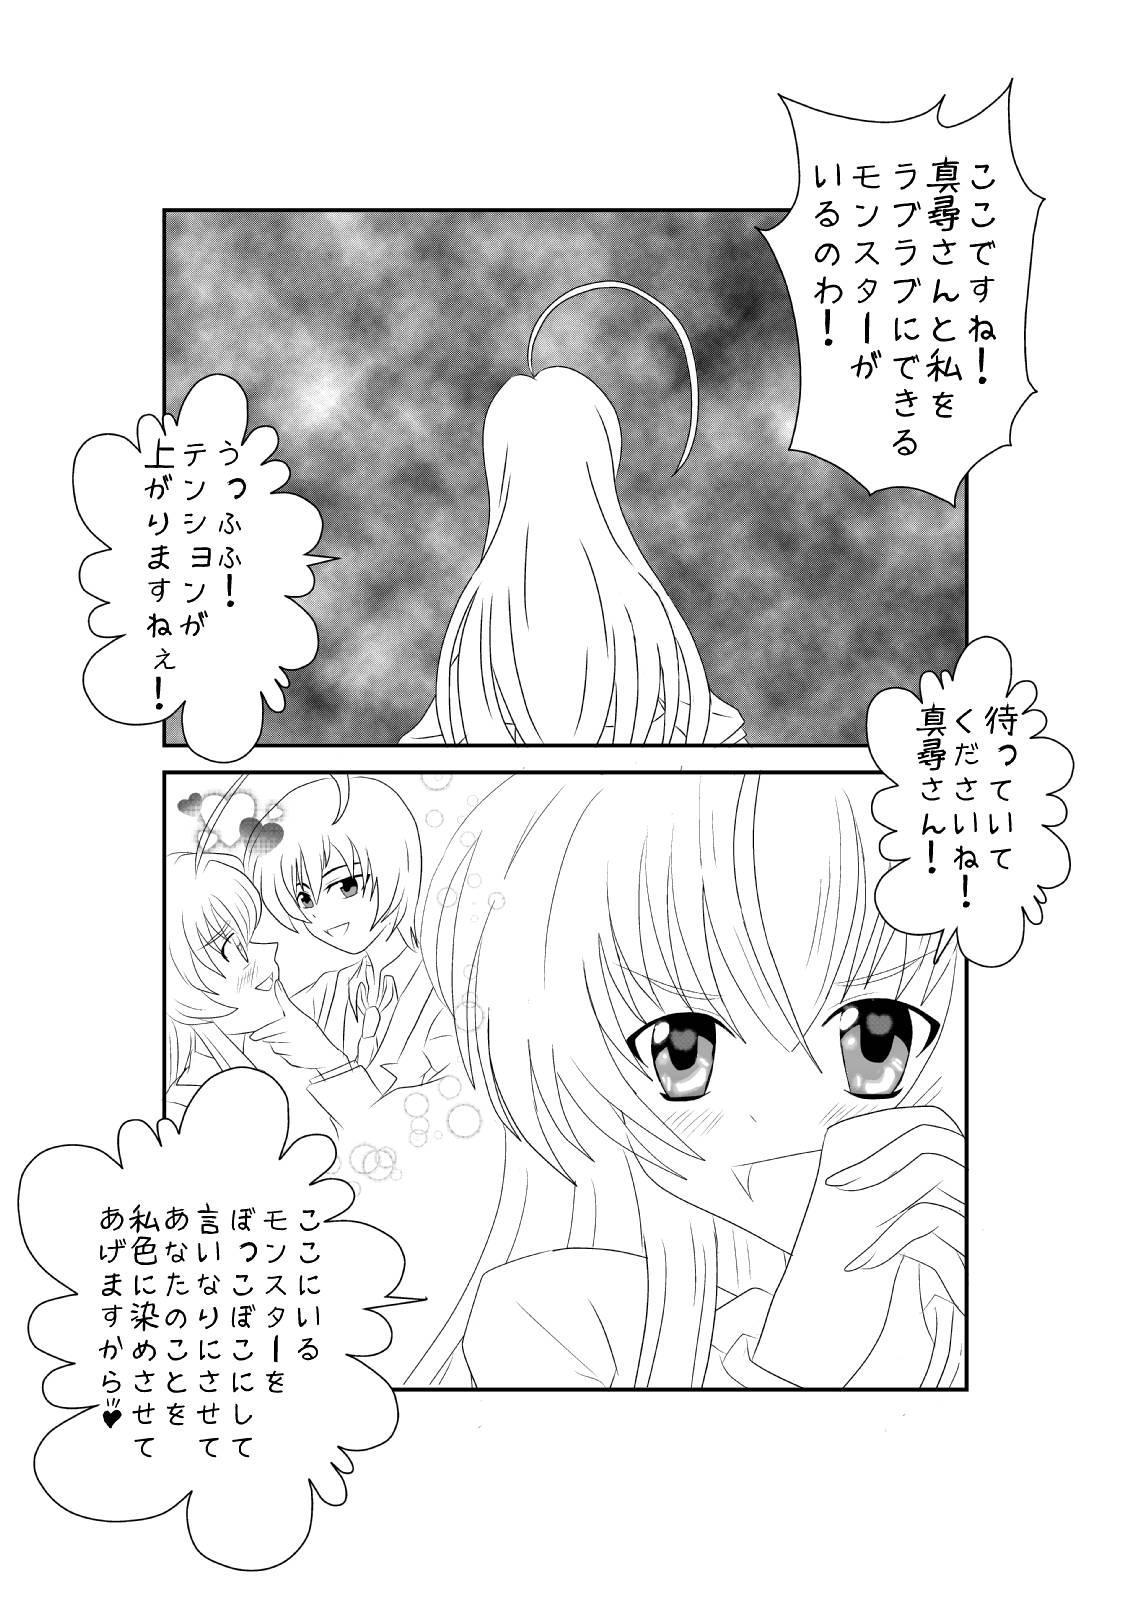 Sennou Kyouiku Shitsu 1